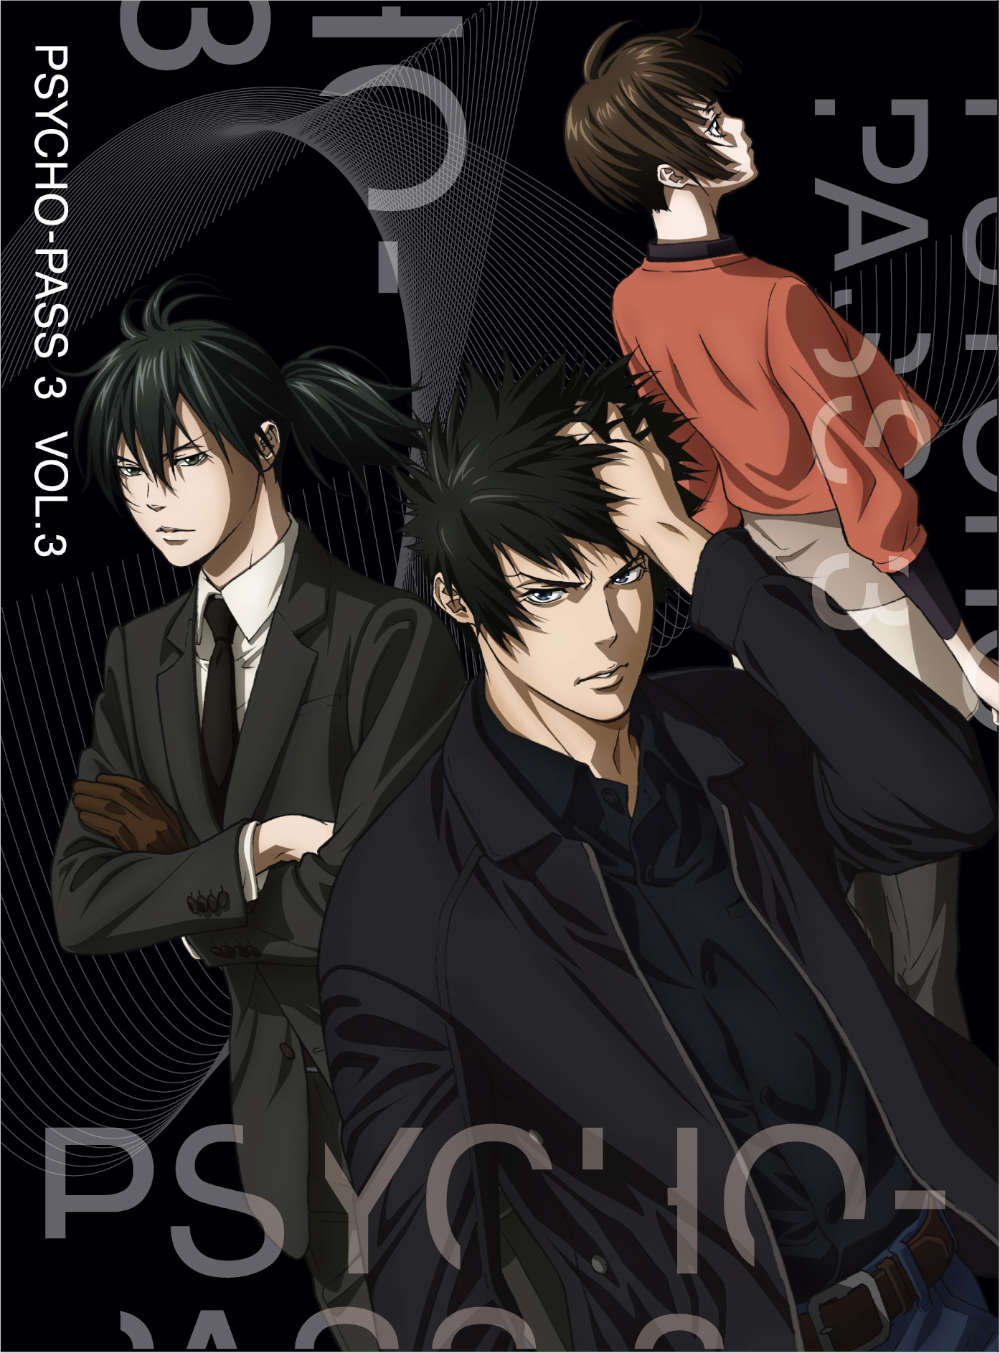 PSYCHO-PASS サイコパス 3 Vol.3 Blu-ray 初回生産限定版